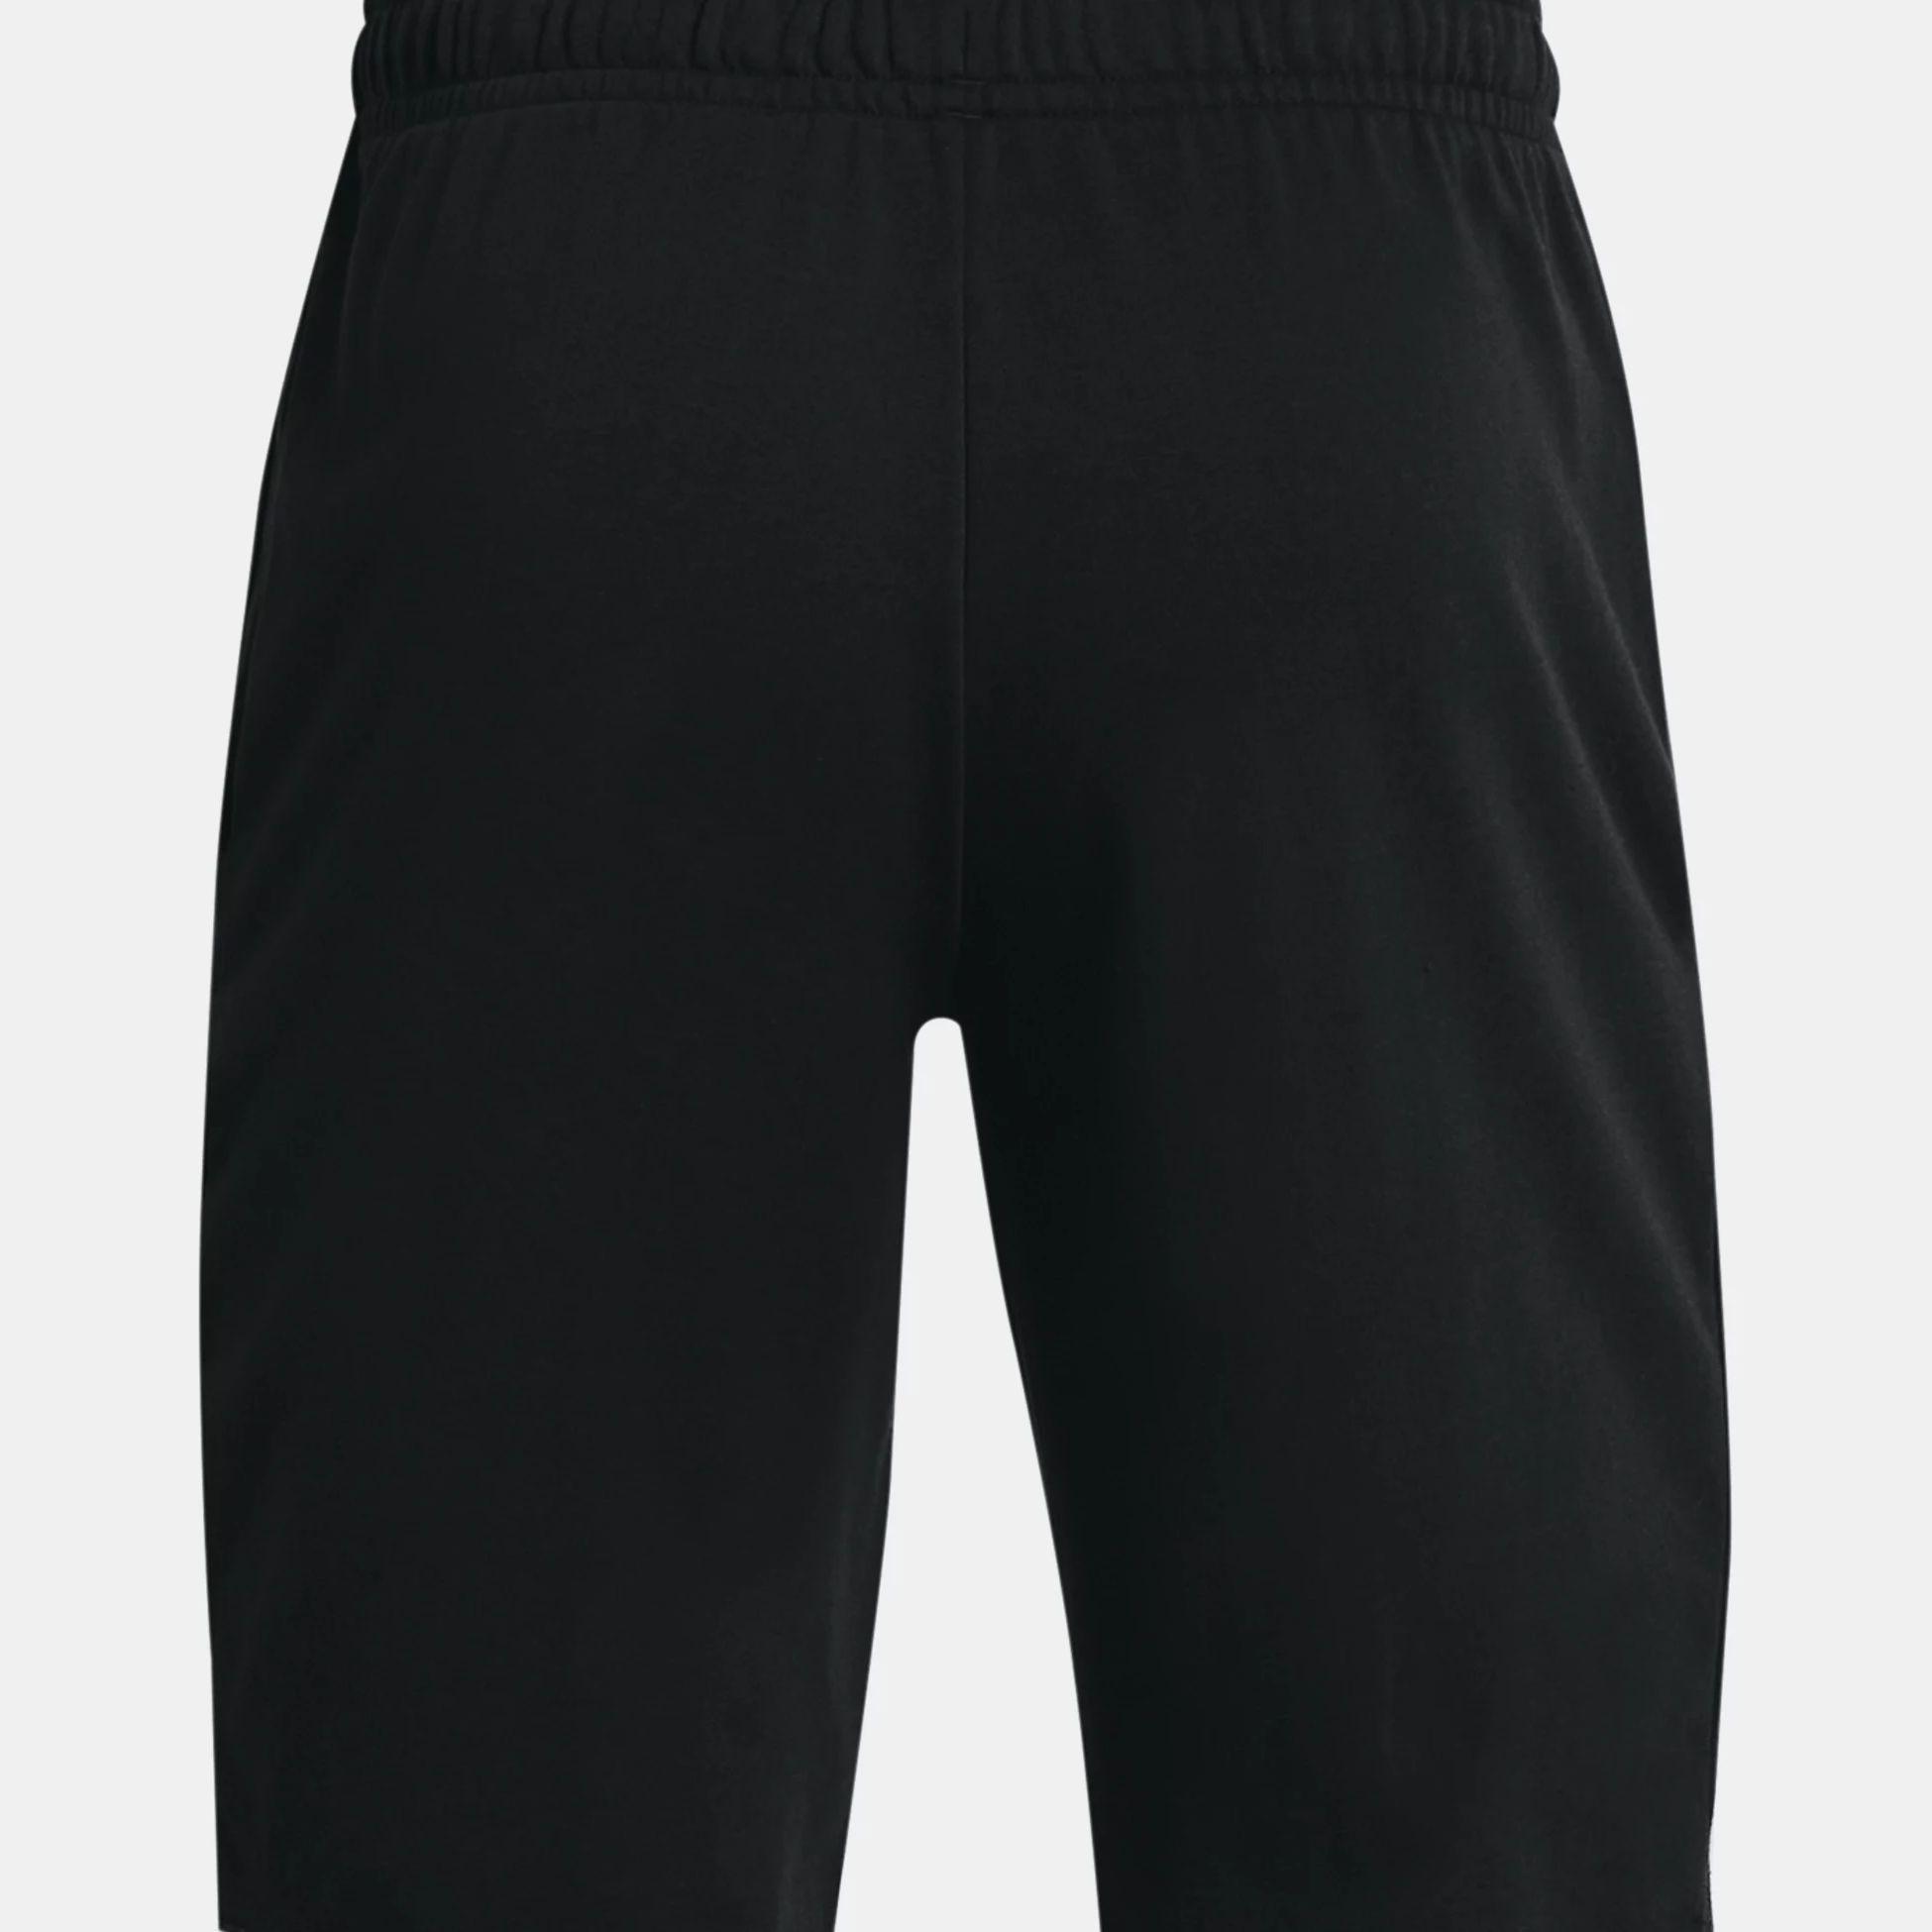 Îmbrăcăminte -  under armour Rival Terry Shorts 1631